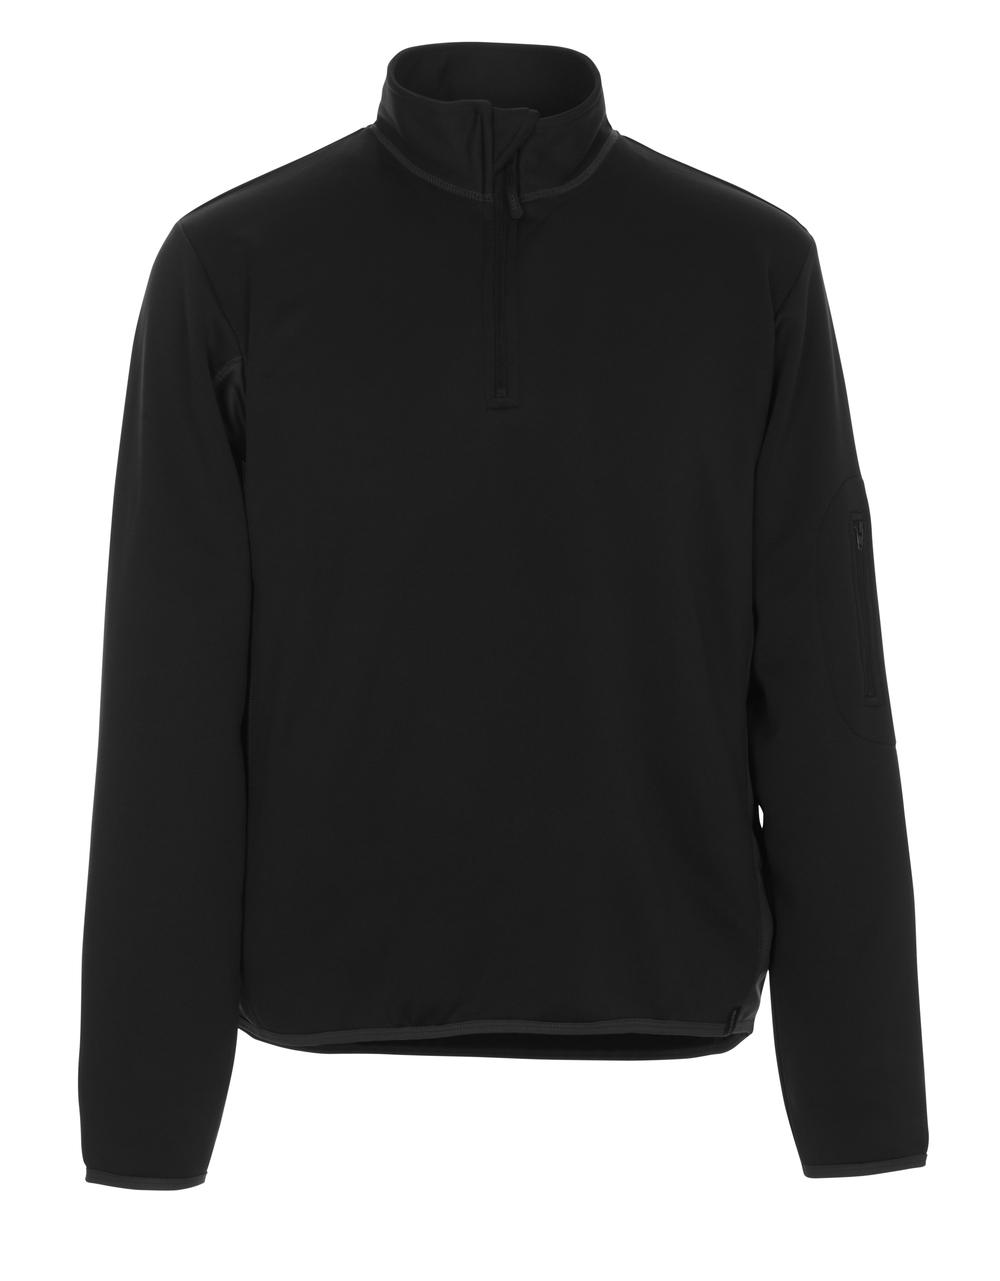 50068-828-0918 Pikésweatshirt - svart/mörk antracit